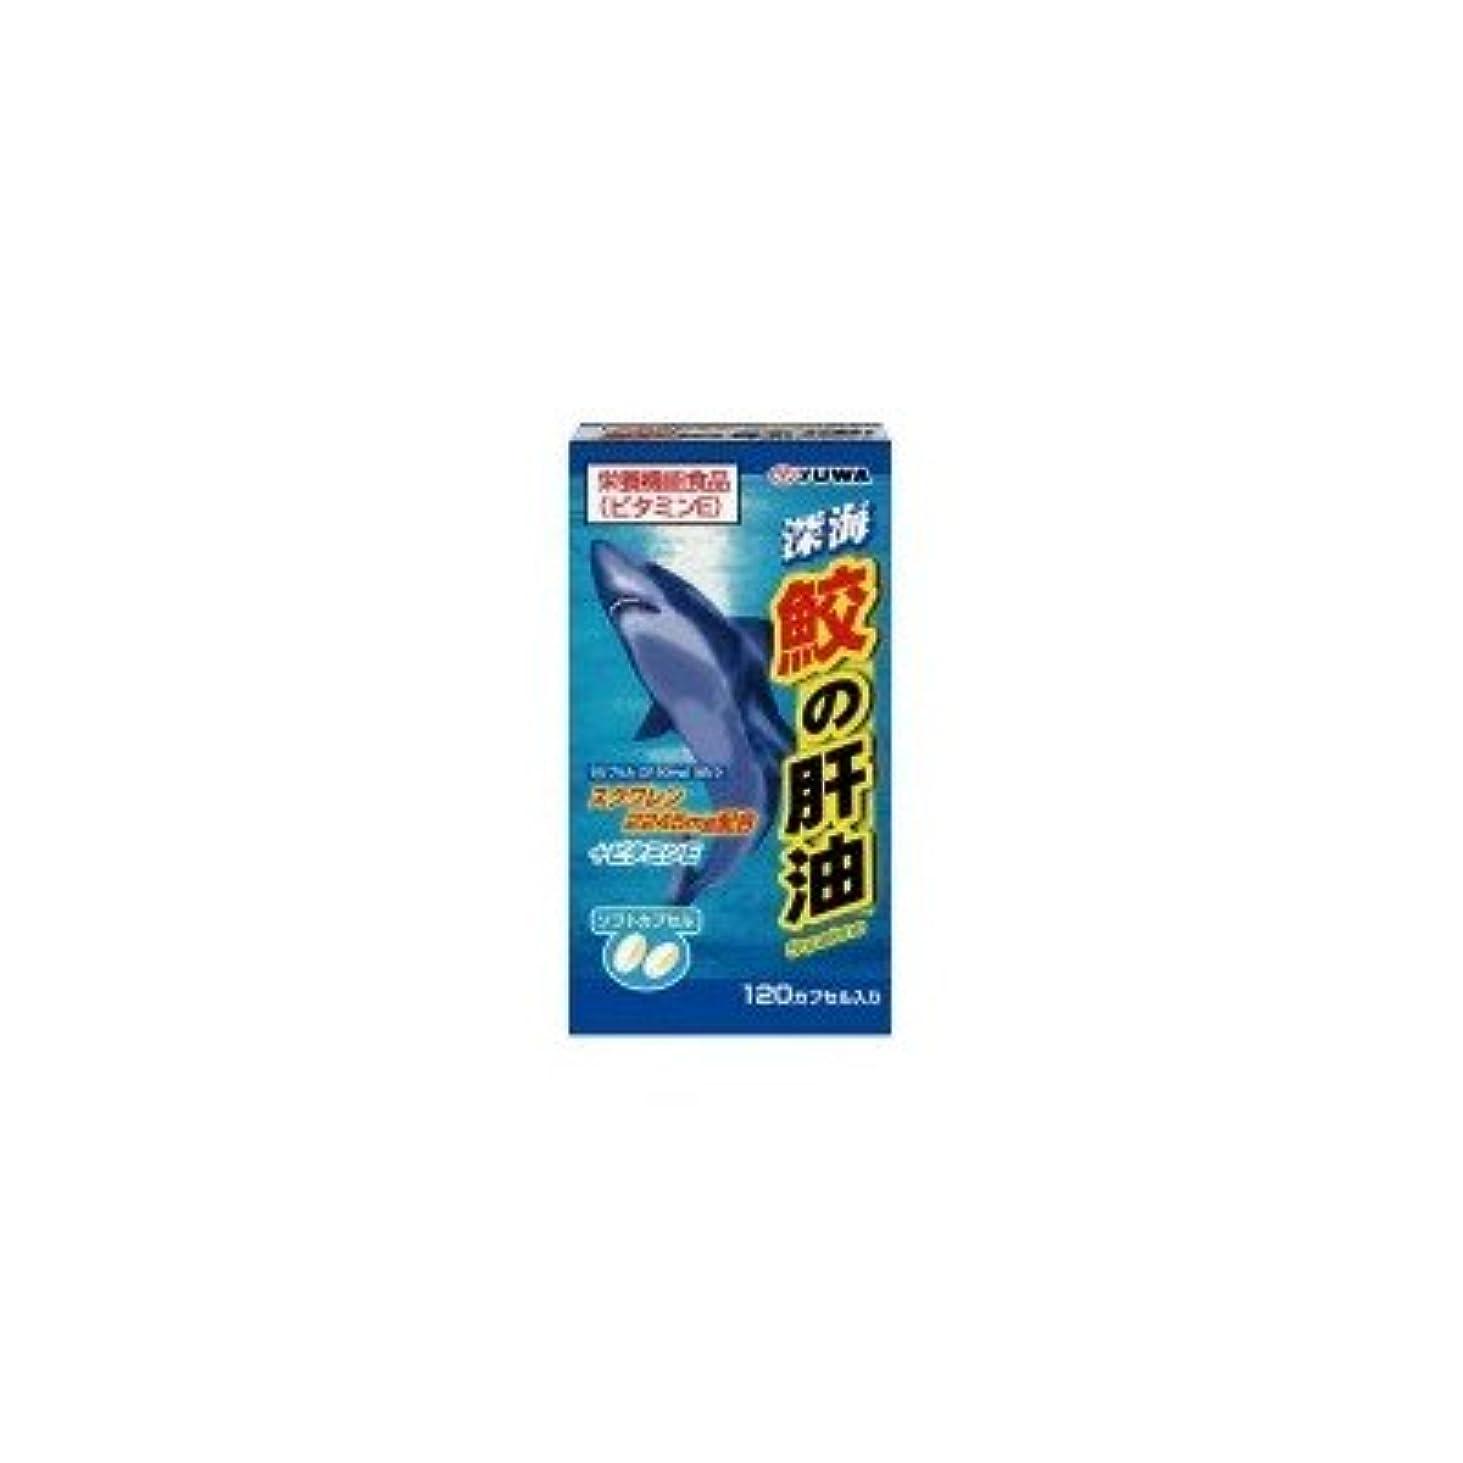 スキム受信灰ユーワ 深海鮫の肝油 栄養機能食品(ビタミンE) 120カプセル (品番:1869)